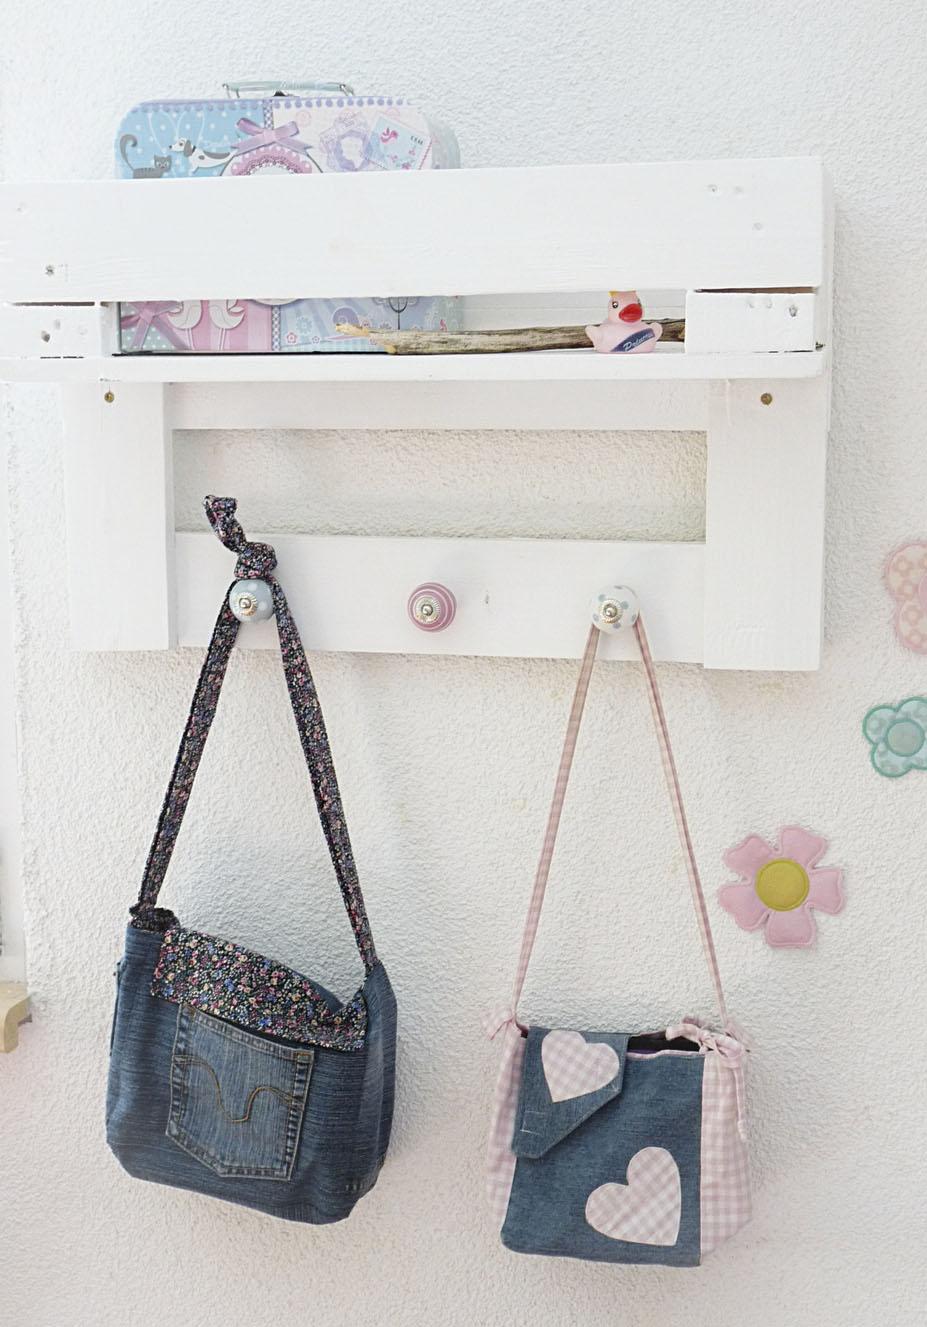 Mein erster Versuch in Sachen Palettenmöbel: Ein Garderobenregal ...